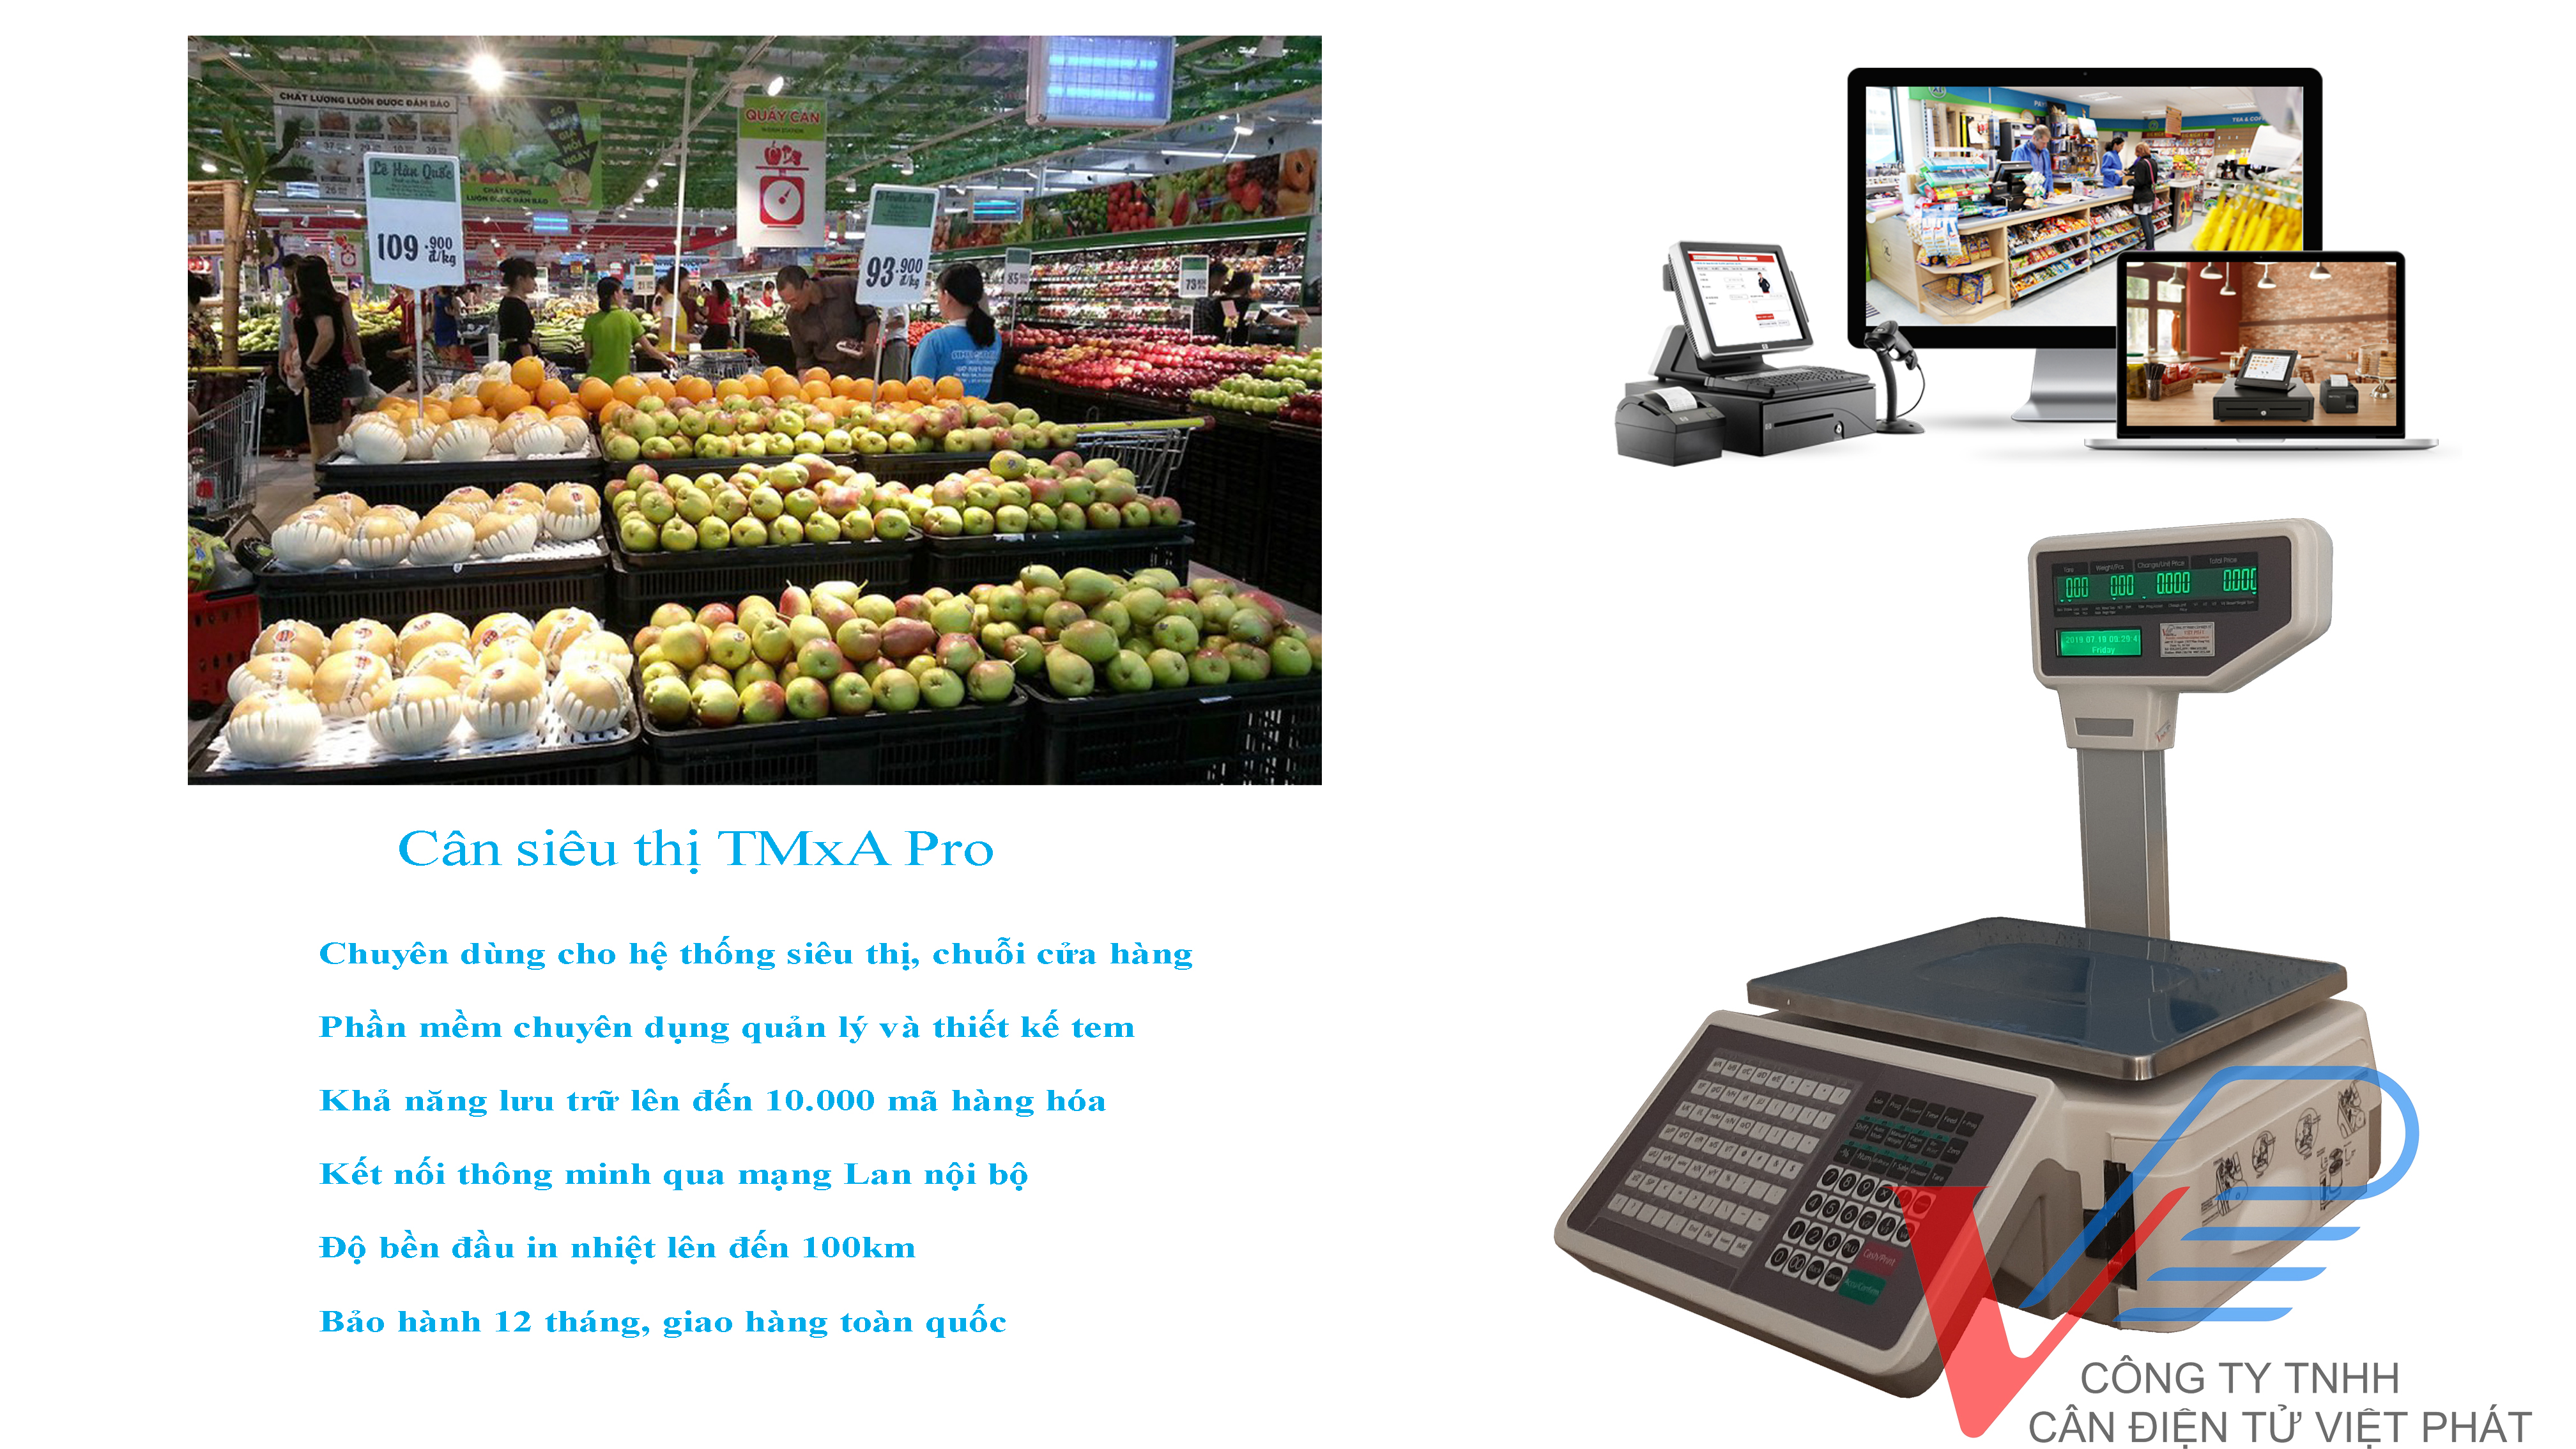 Mua cân siêu thị TMA tại Bắc Giang